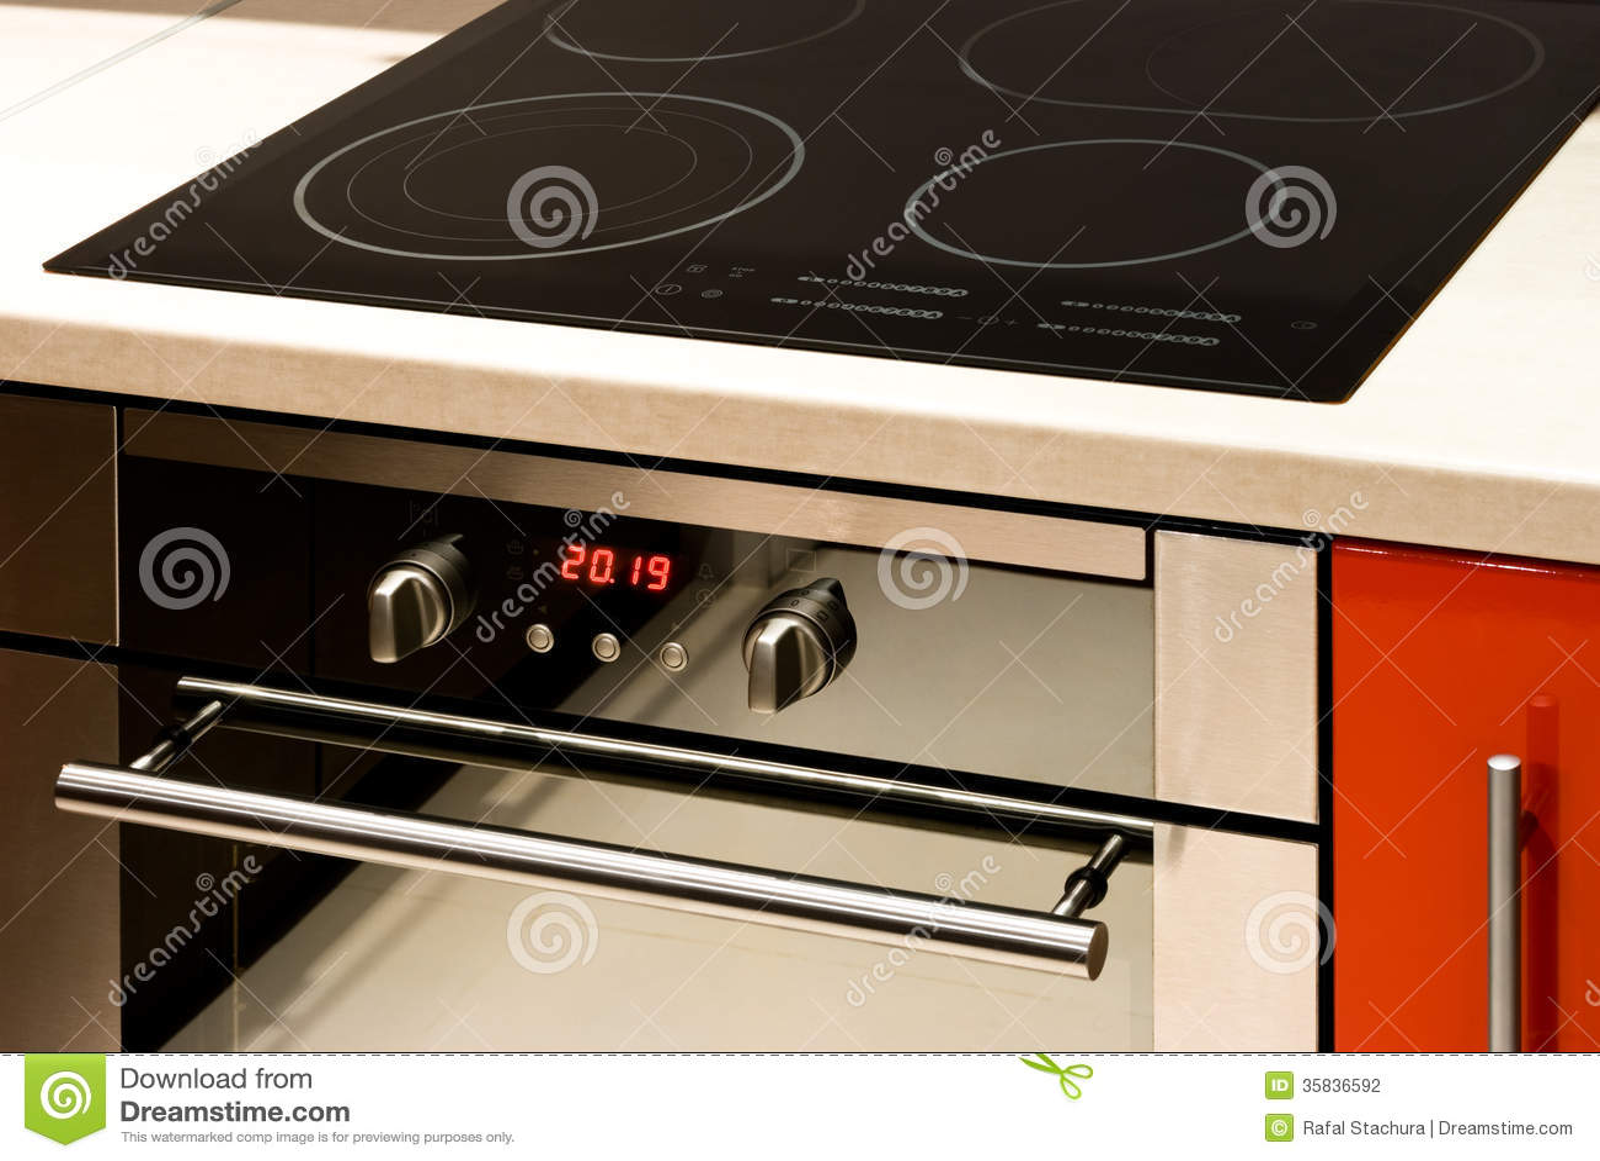 Modern Oven stock phot...